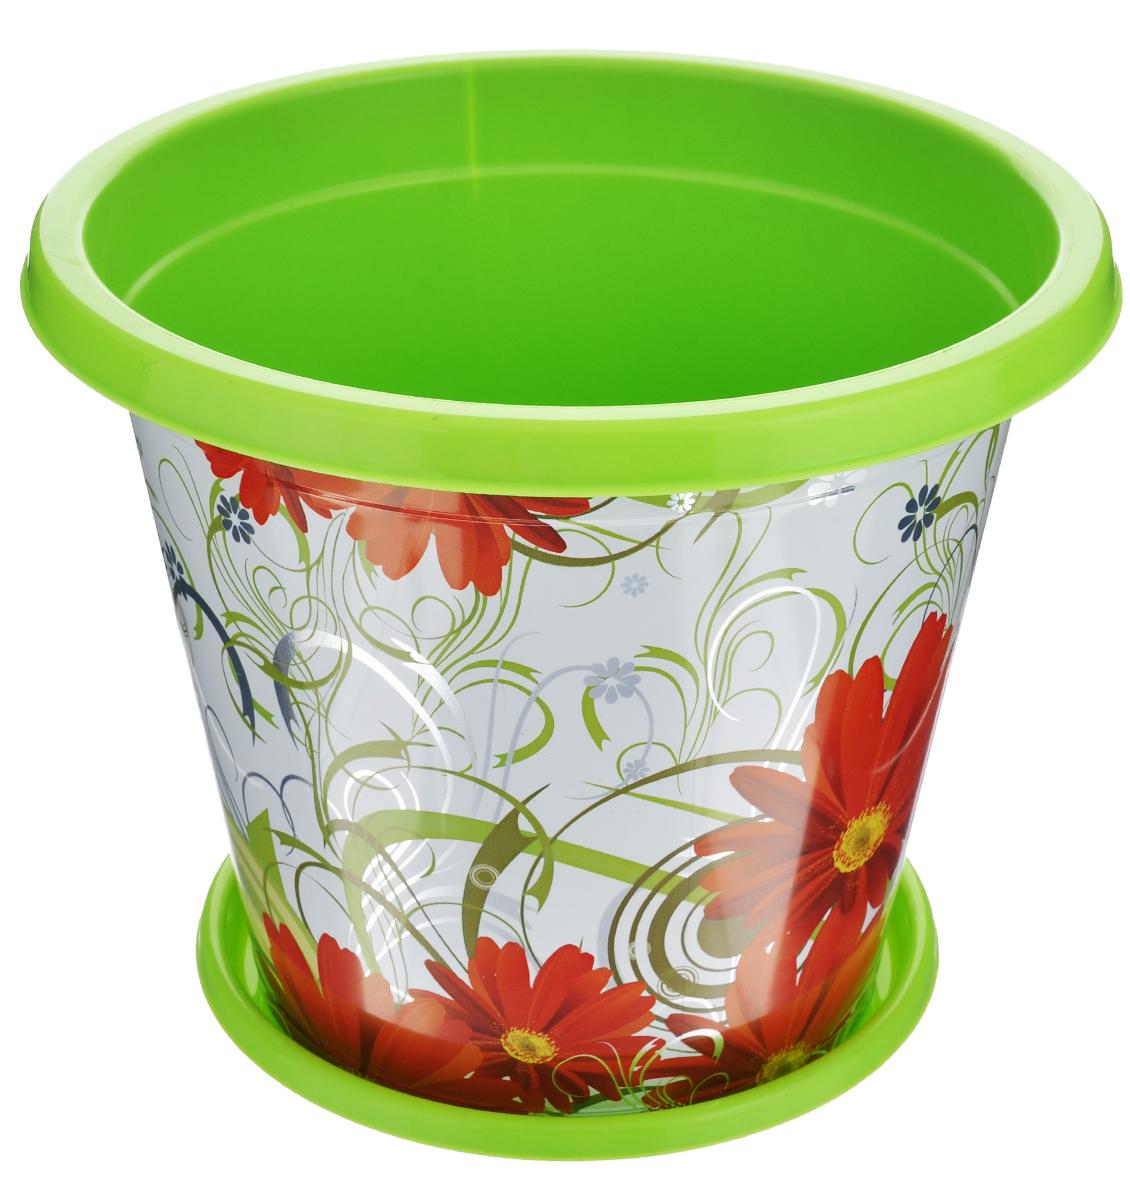 Горшок-кашпо Альтернатива Сюзанна, с поддоном, цвет: салатовый, красный, 3 лZ-0307Горшок-кашпо Альтернатива Сюзанна изготовлен из прочного пластика и оформлен красивым цветочным рисунком. Круглый поддон предназначен для стока воды. Изделие подходит для выращивания растений и цветов в домашних условиях. Такой горшок порадует вас изысканным дизайном и функциональностью, а также оригинально украсит интерьер помещения. Диаметр горшка по верхнему краю: 21 см. Высота горшка: 17 см. Диаметр поддона: 15,5 см. Объем горшка: 3 л.